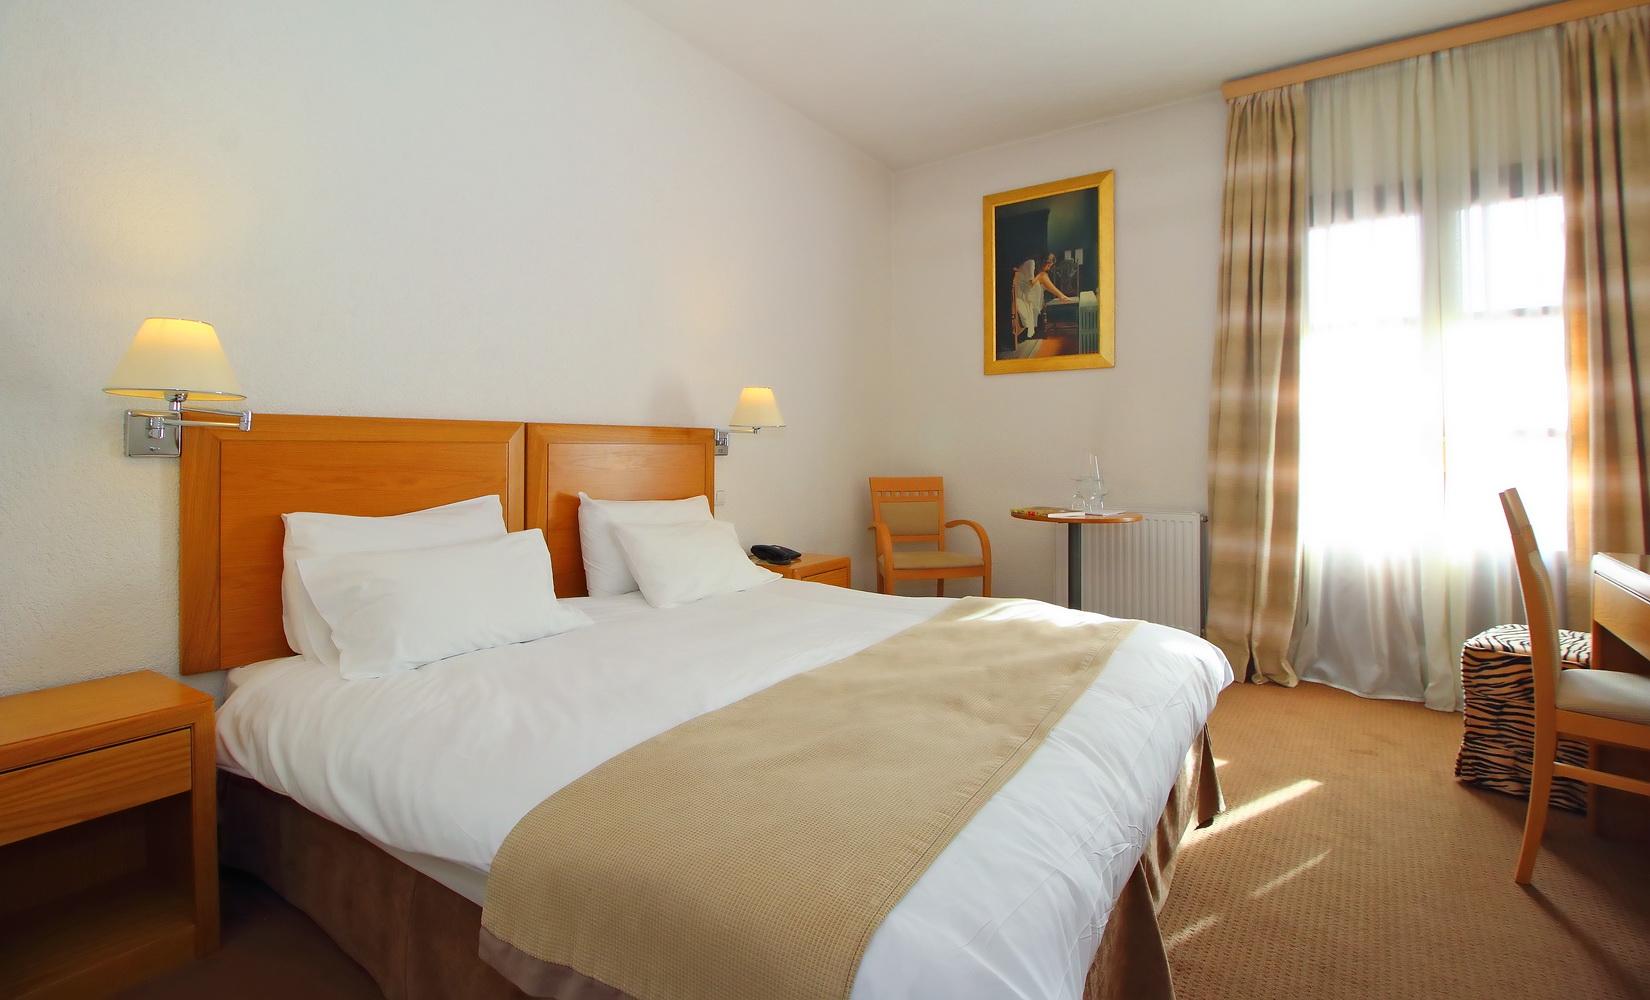 PARNASSIA HOTEL ROOM 10